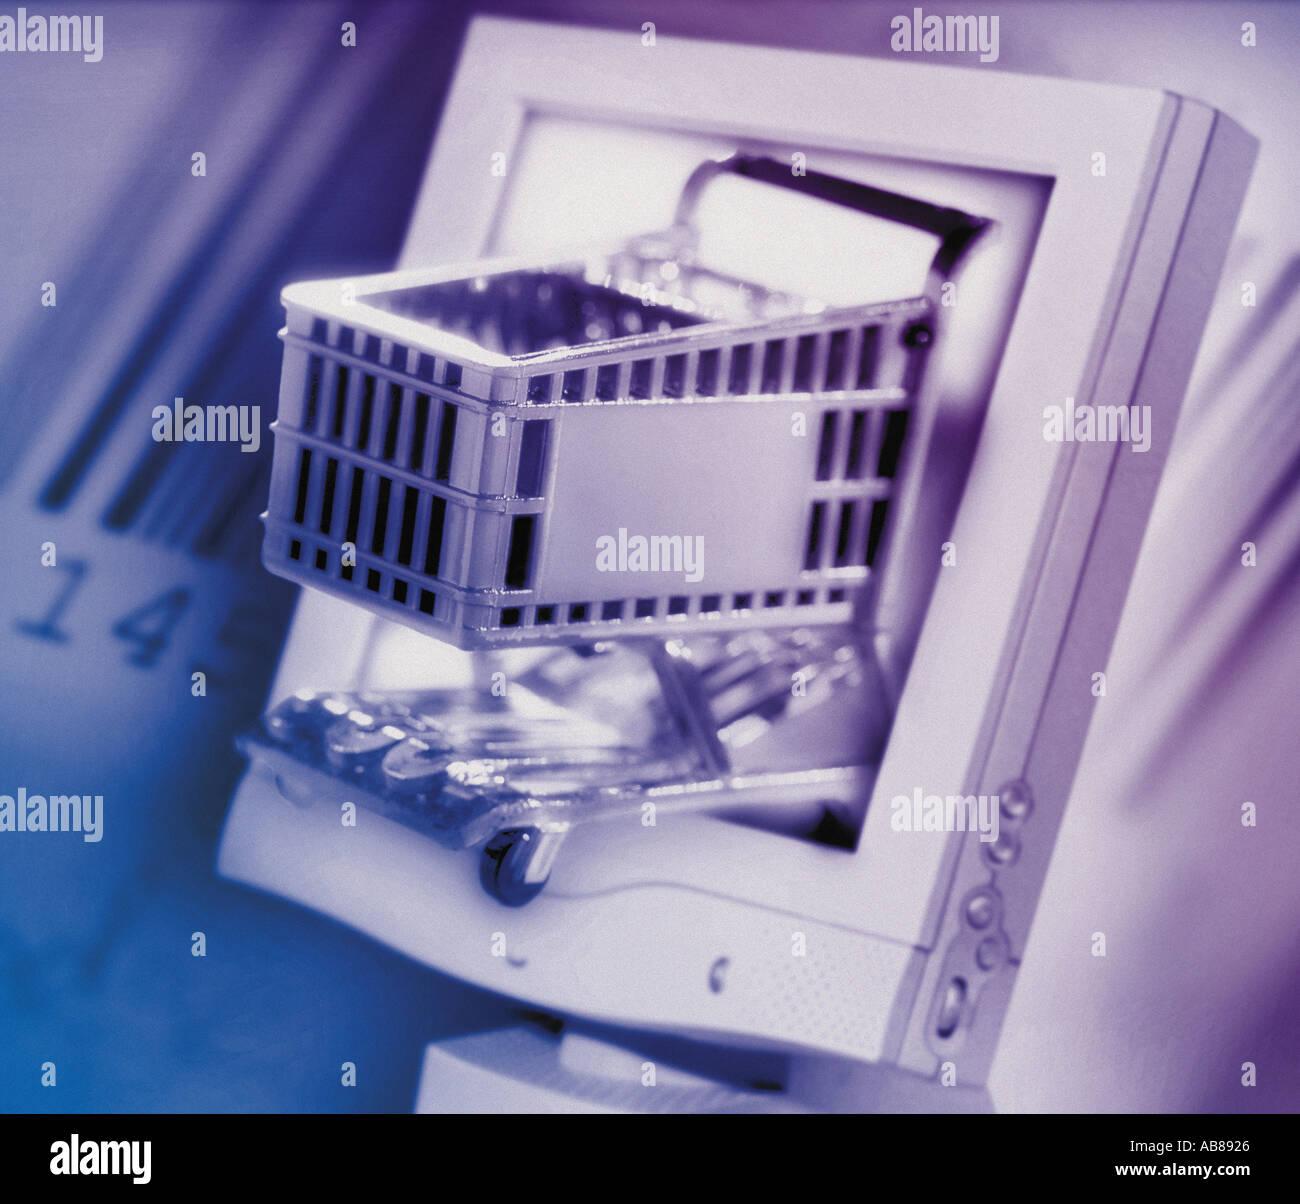 Compras en línea Imagen De Stock